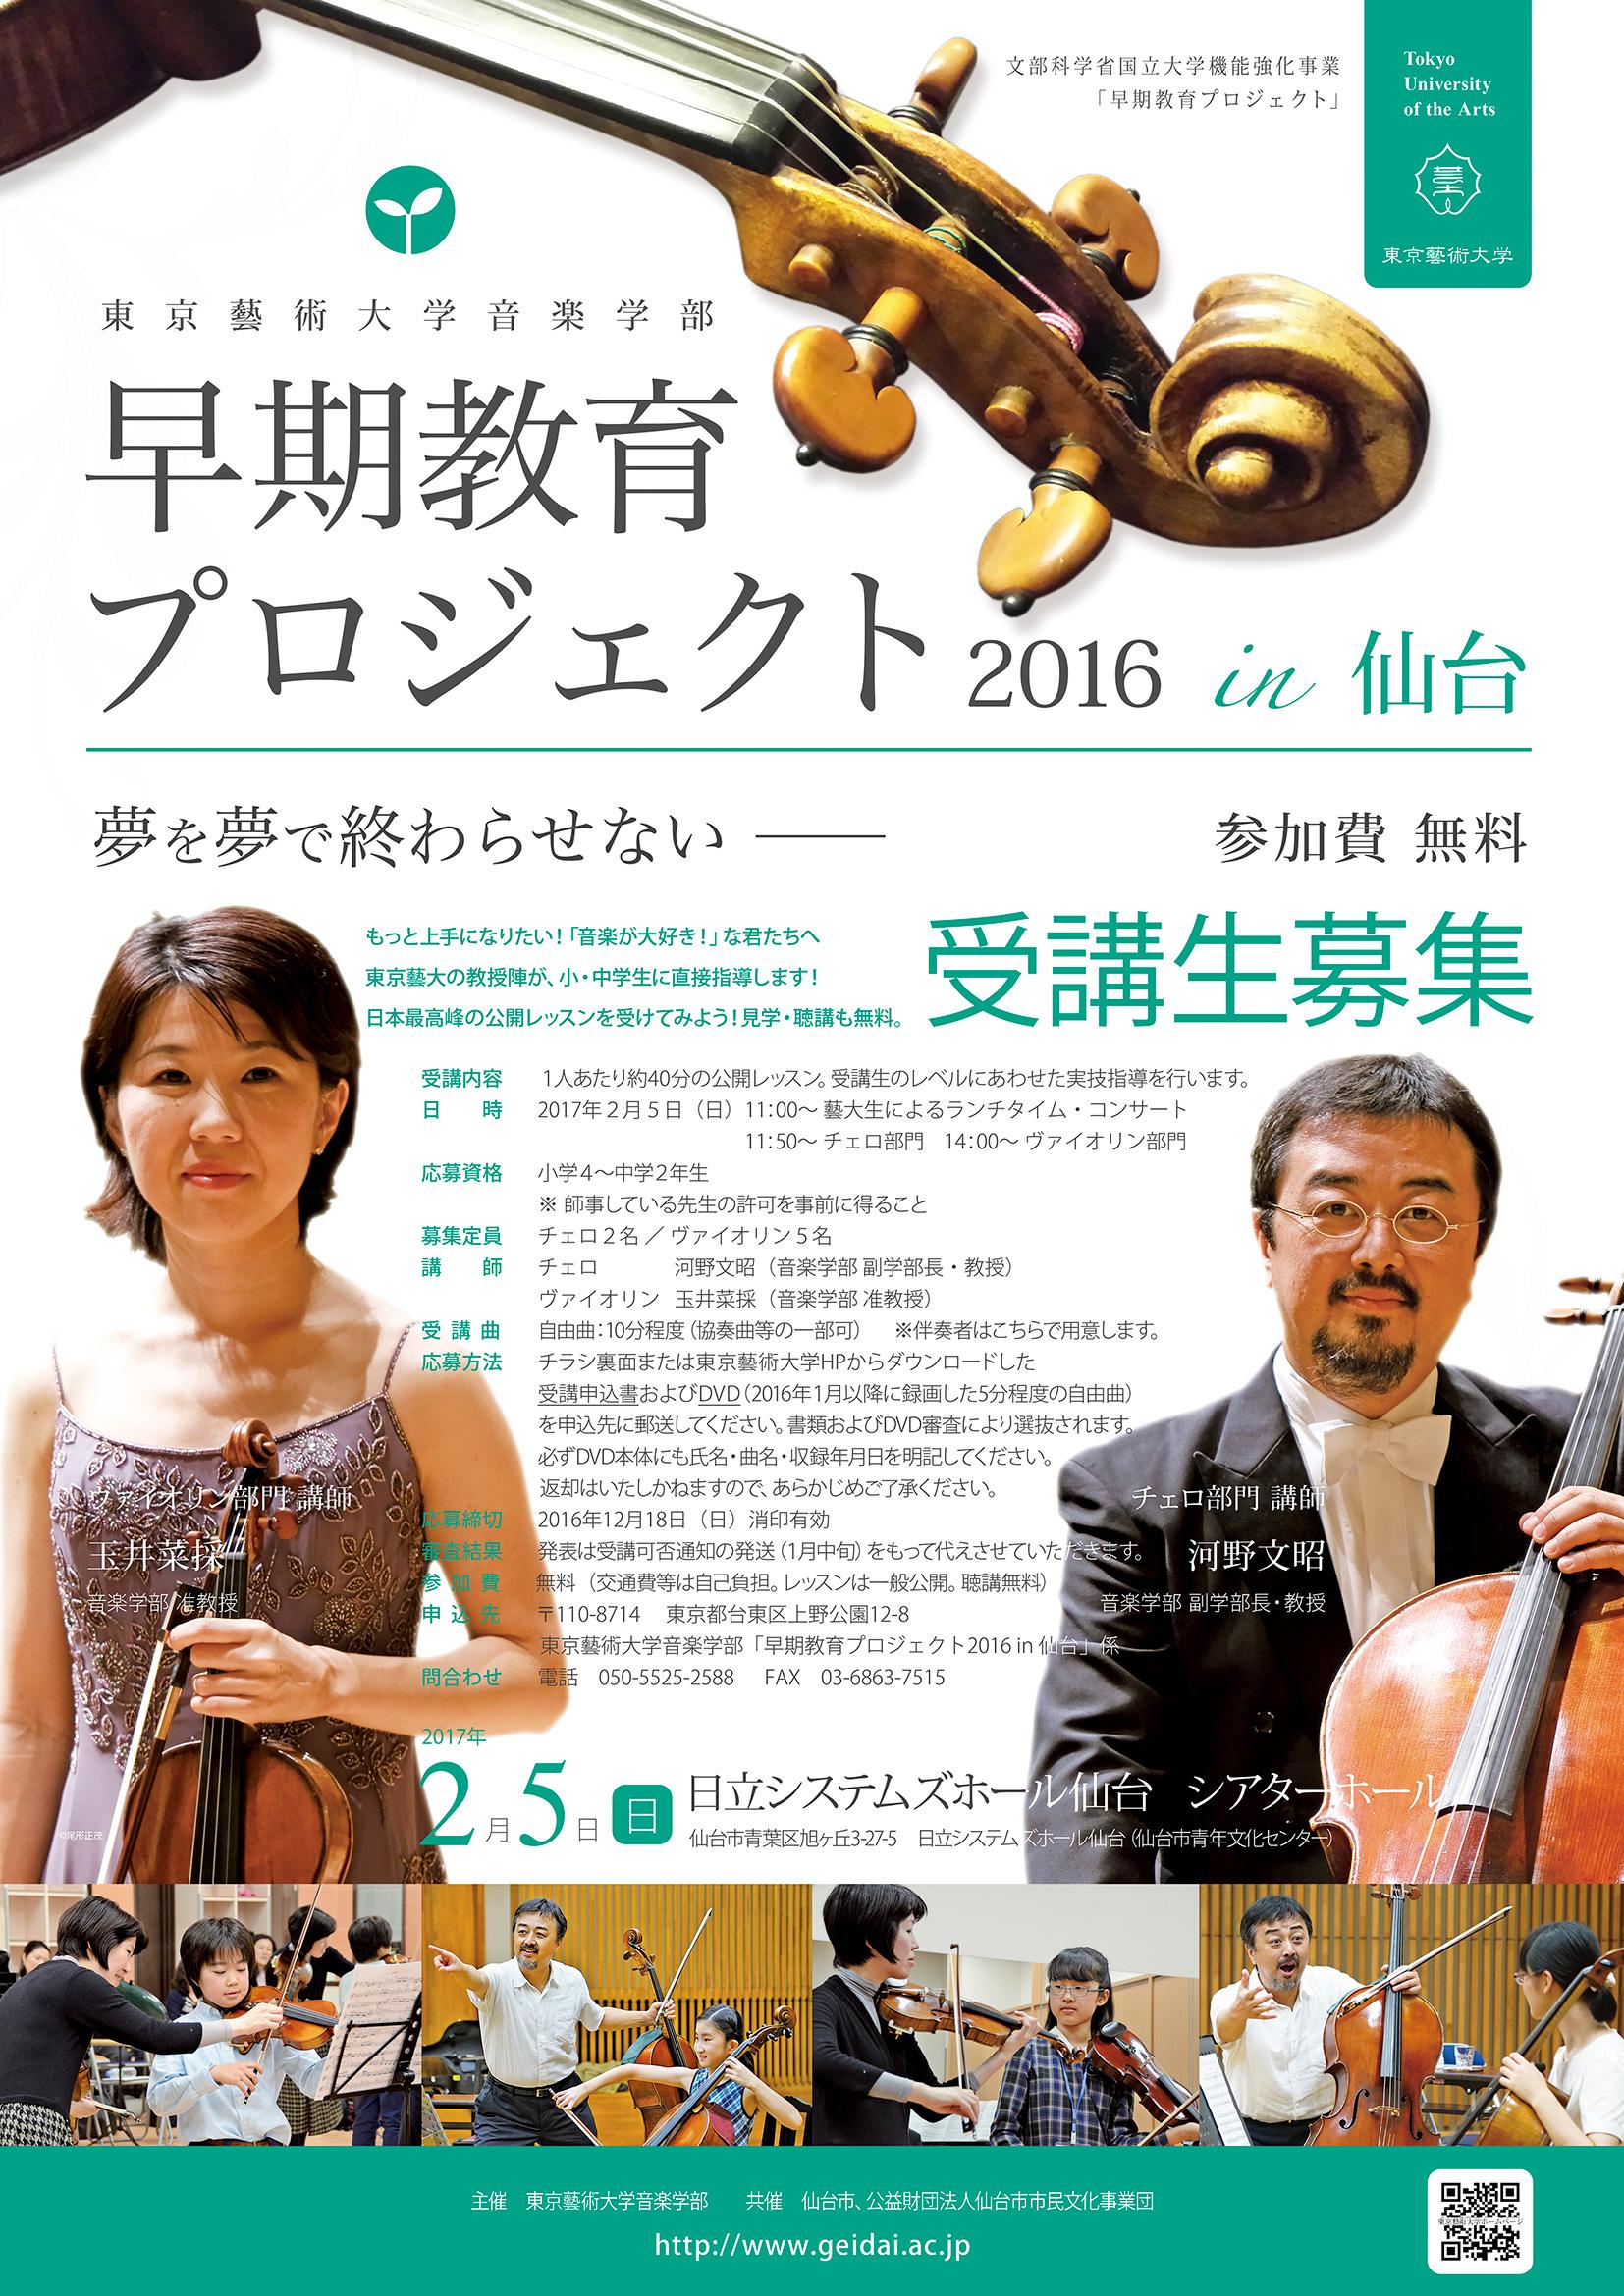 早期教育プロジェクト2016in仙台(チェロ・ヴァイオリン)